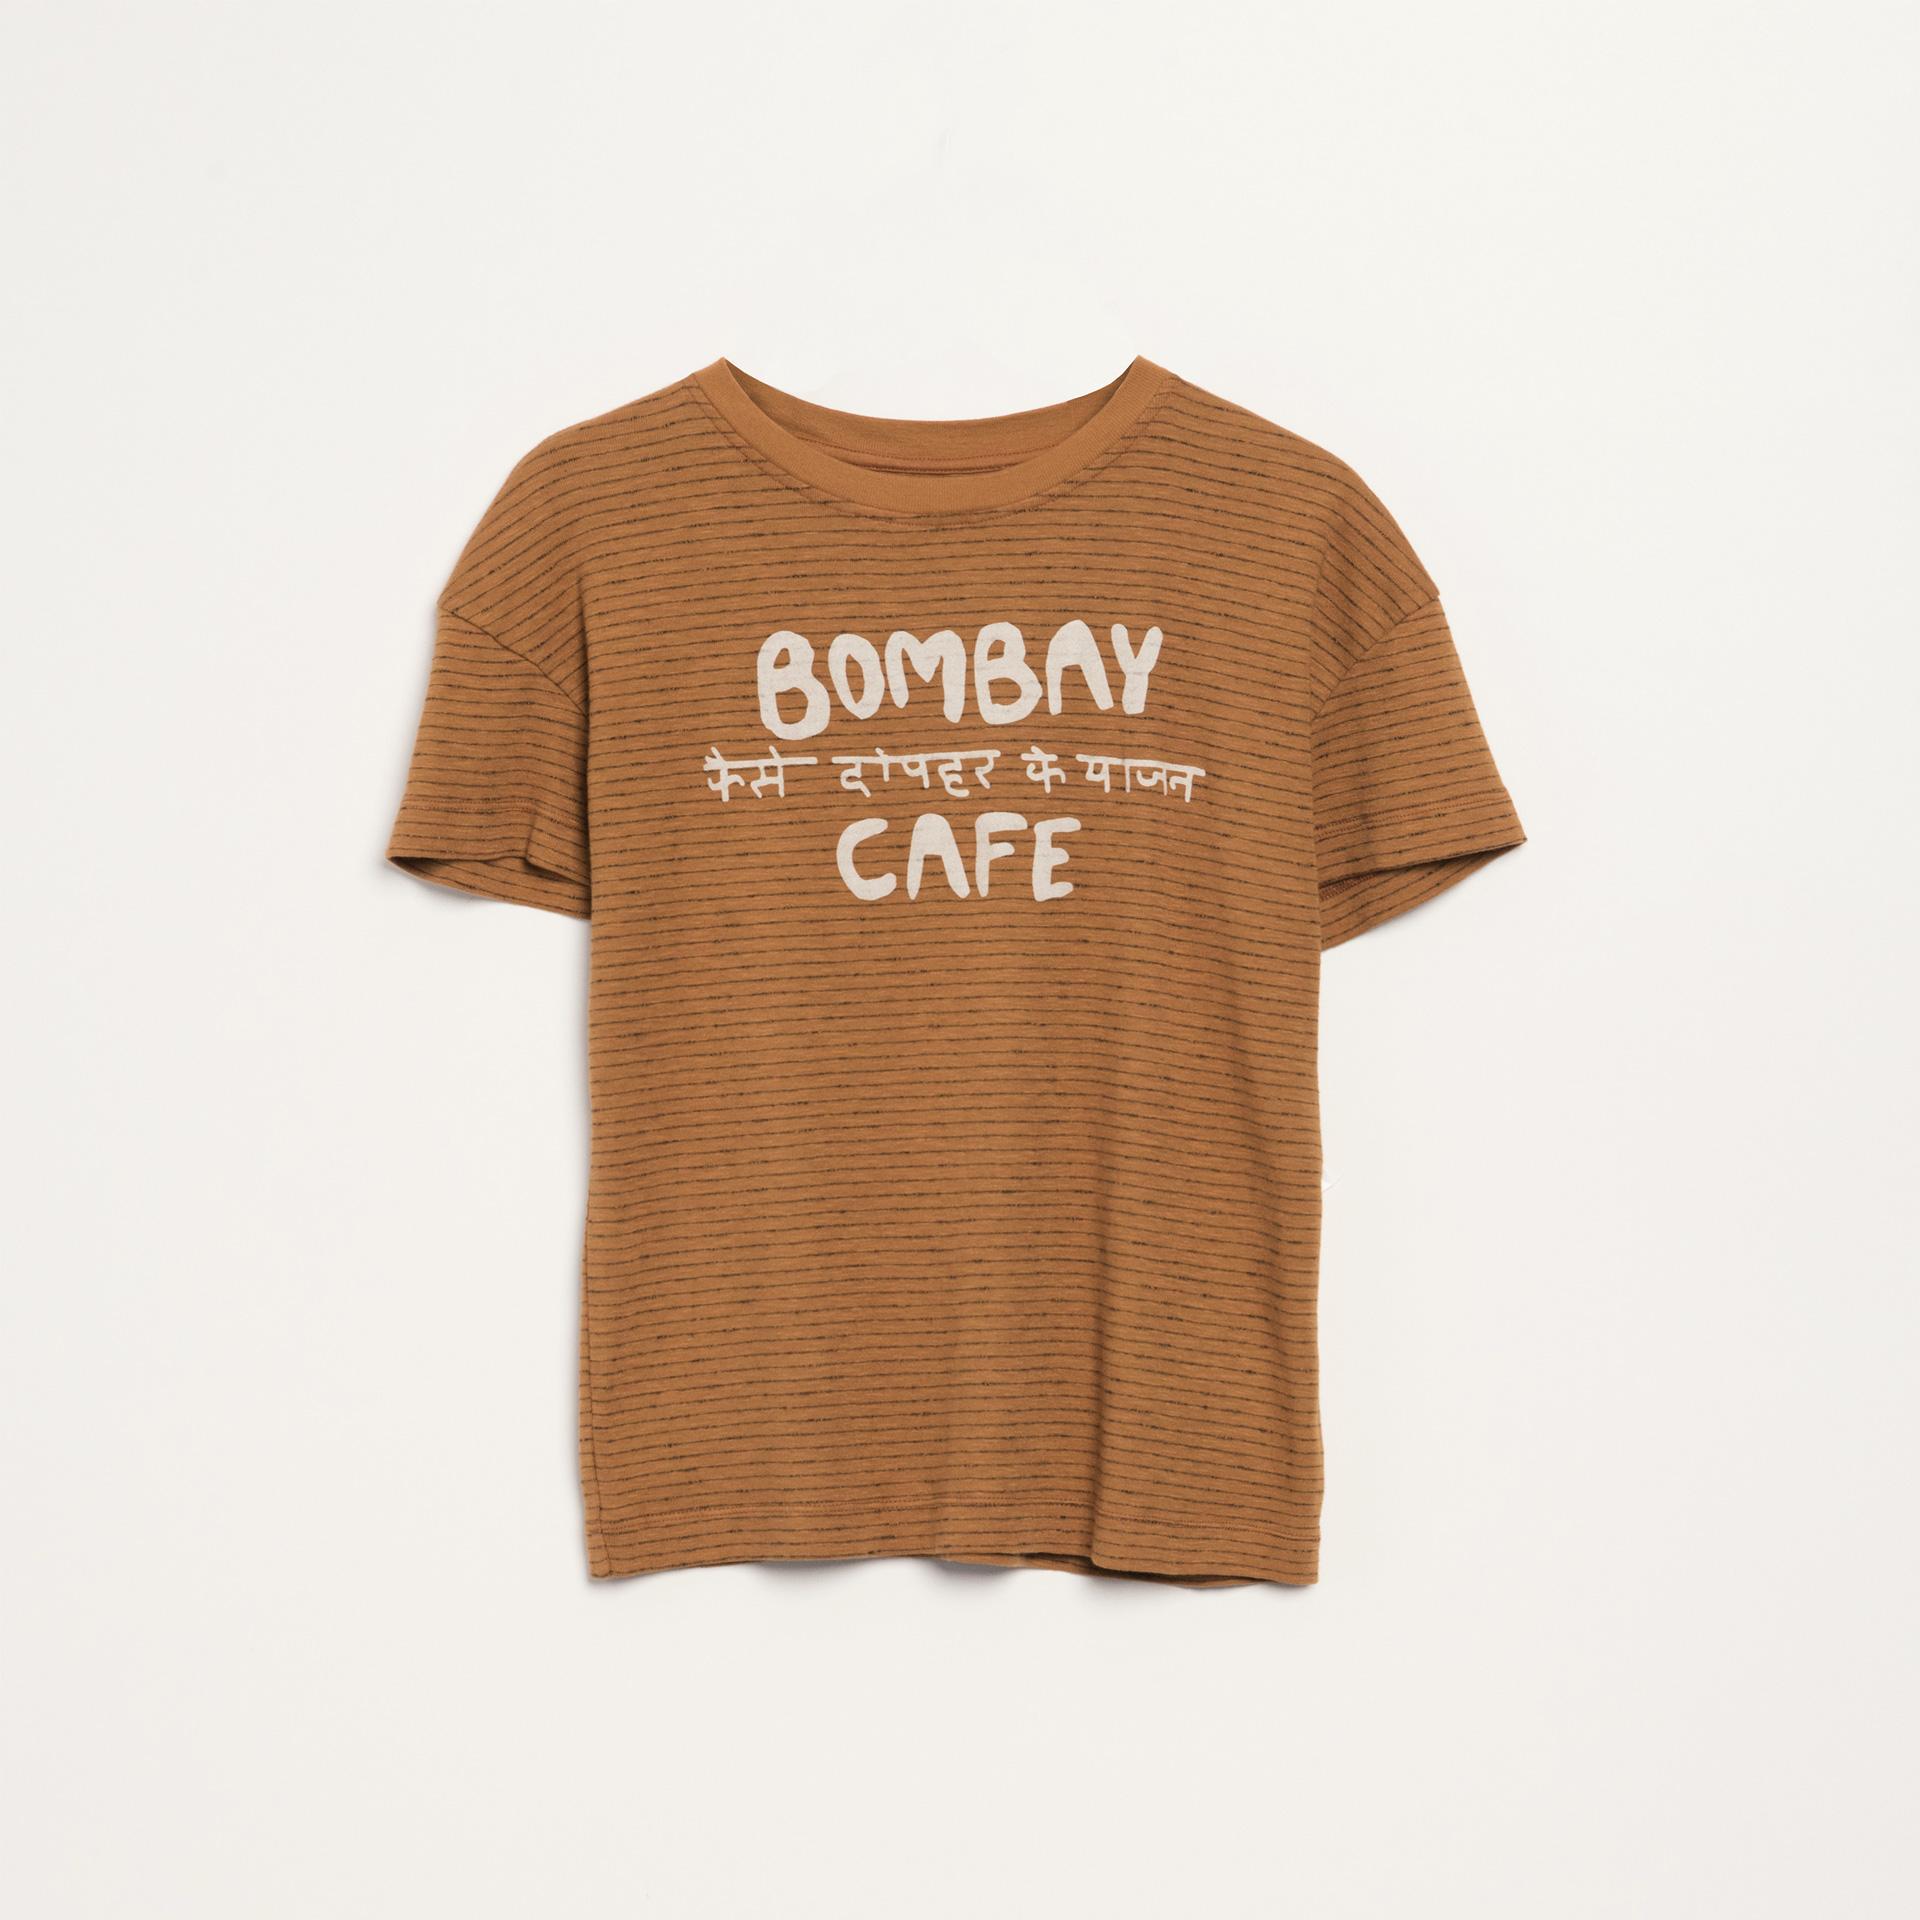 BOMBAY CAFE T-SHIRT